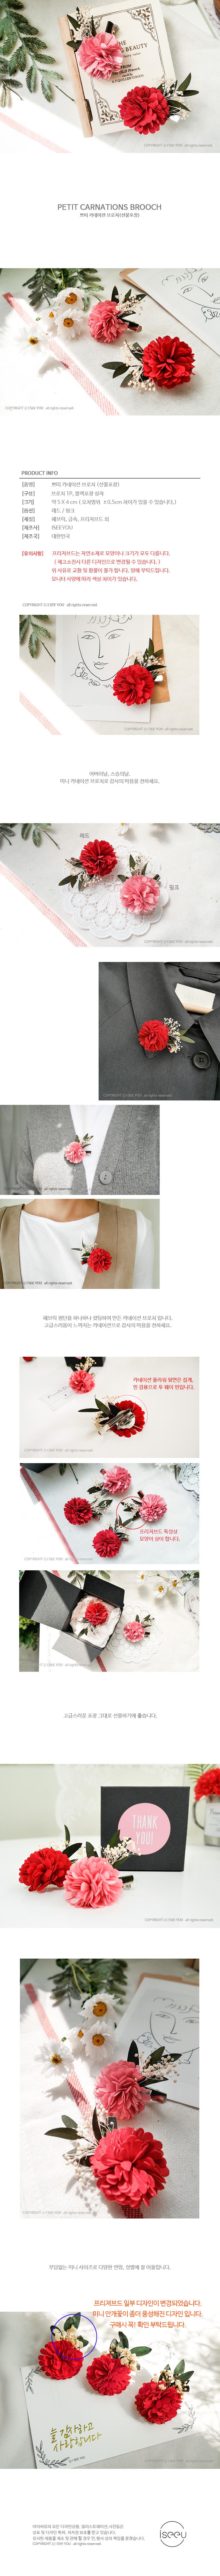 쁘띠 카네이션 브로치 - 아이씨유, 10,000원, 조화, 카네이션(조화)